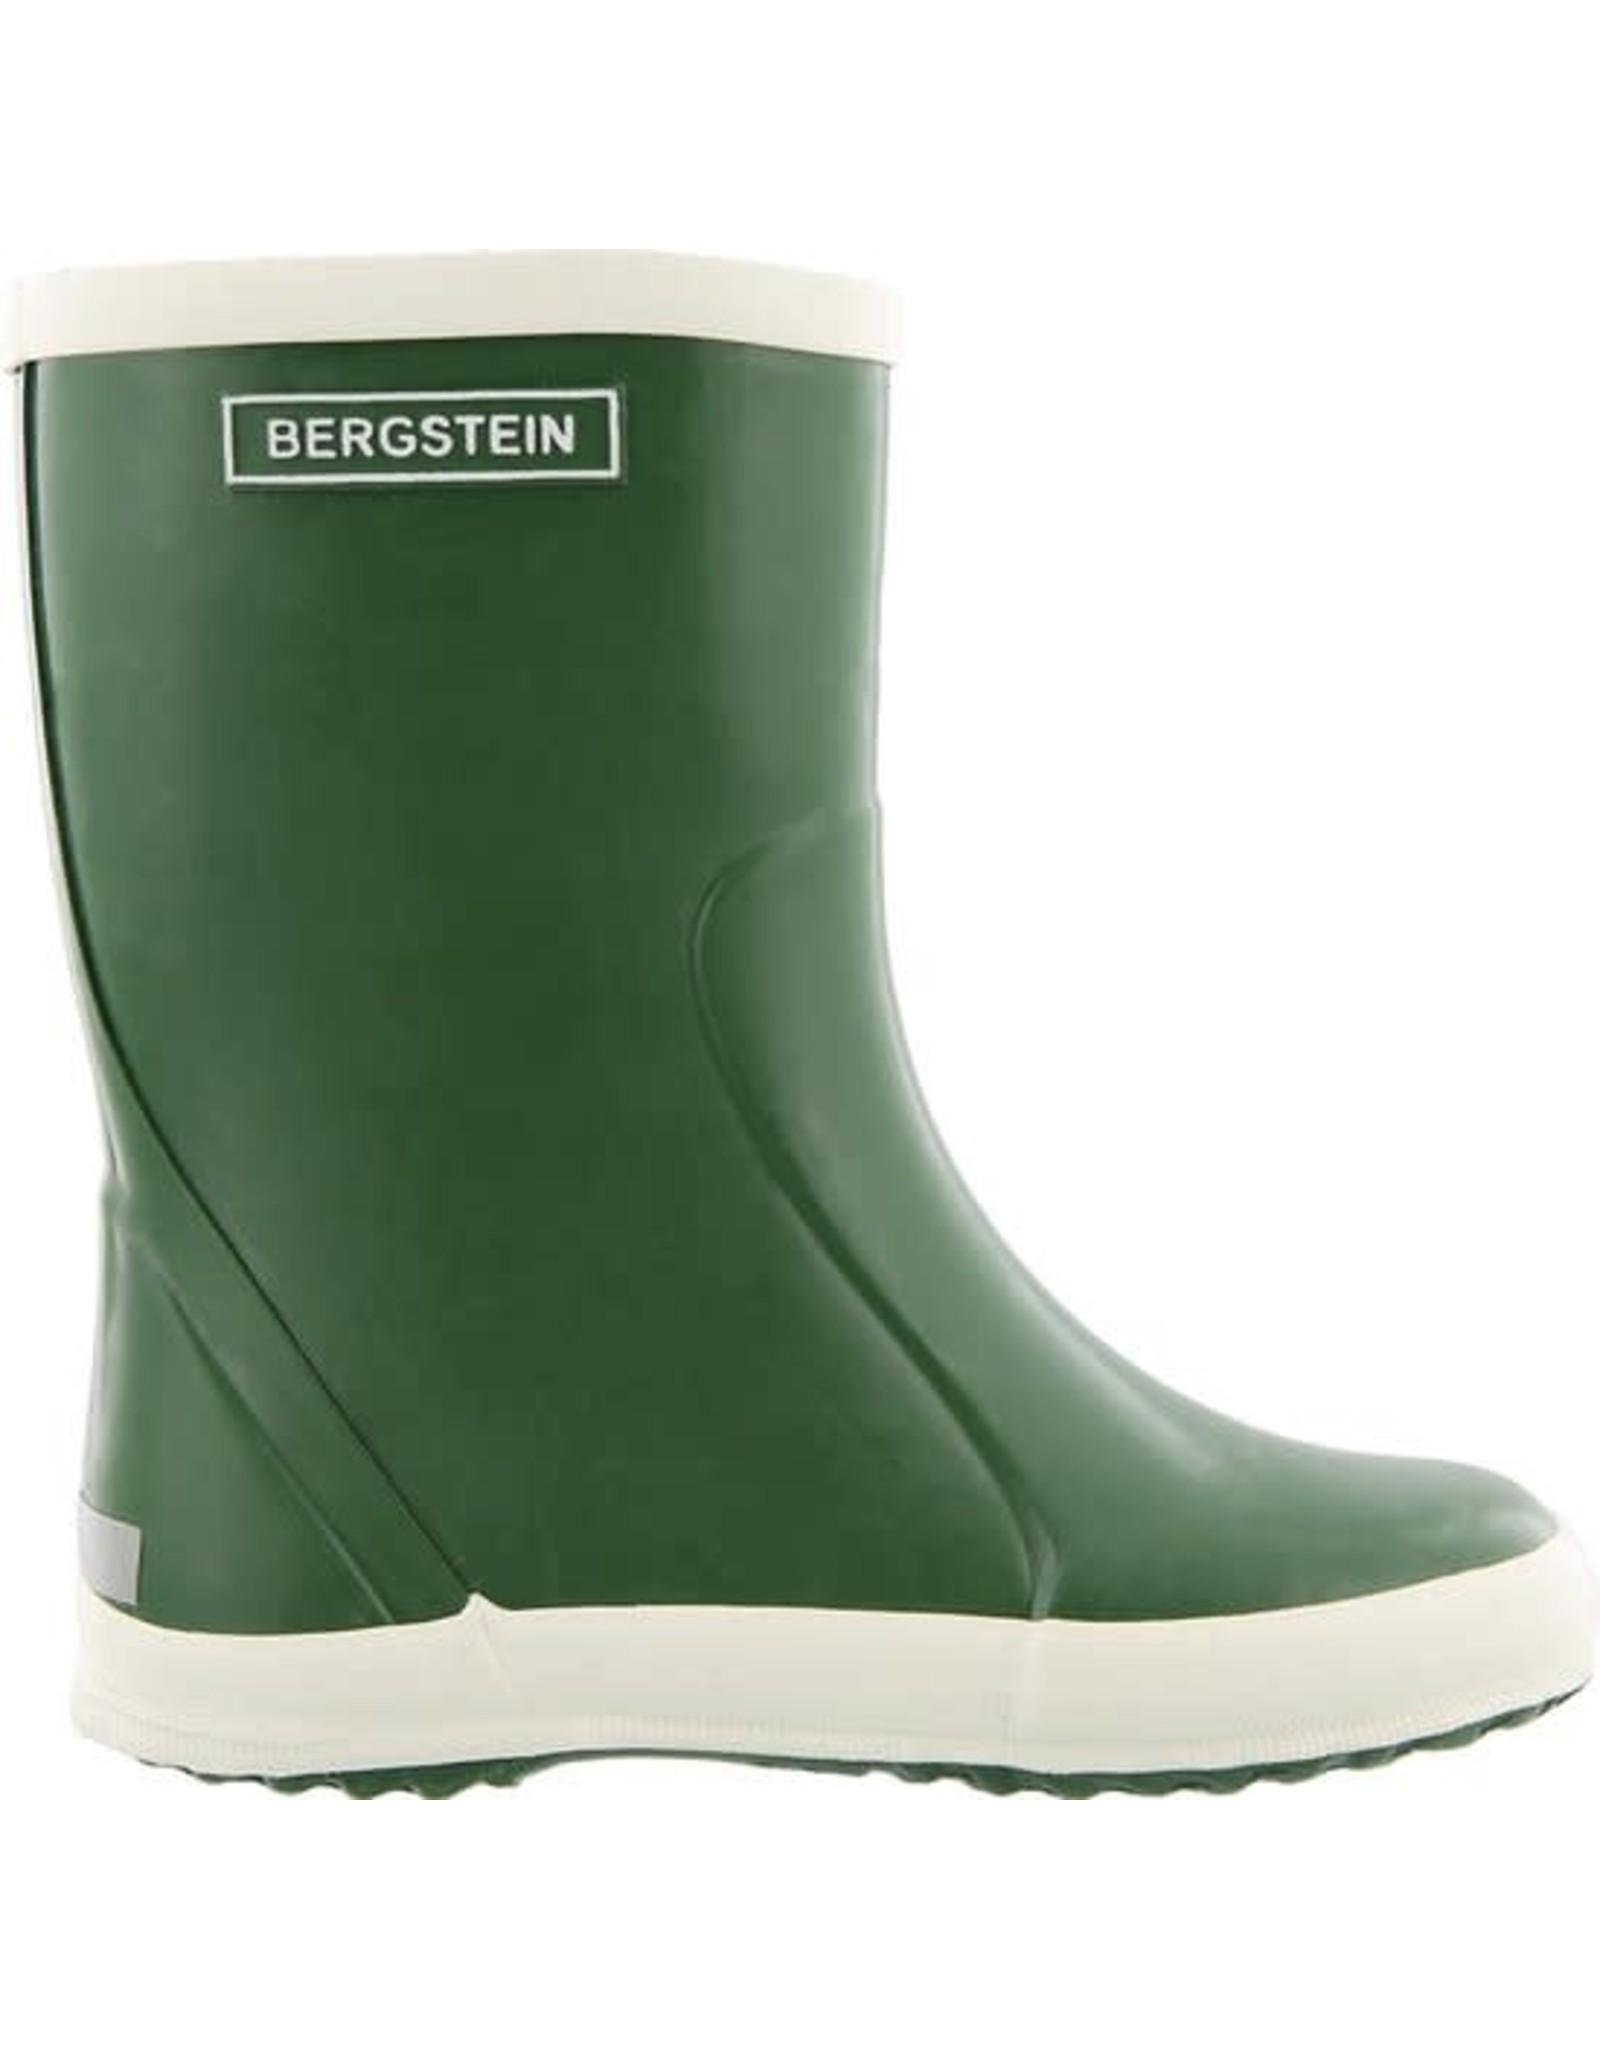 Bergstein Regenlaars groen